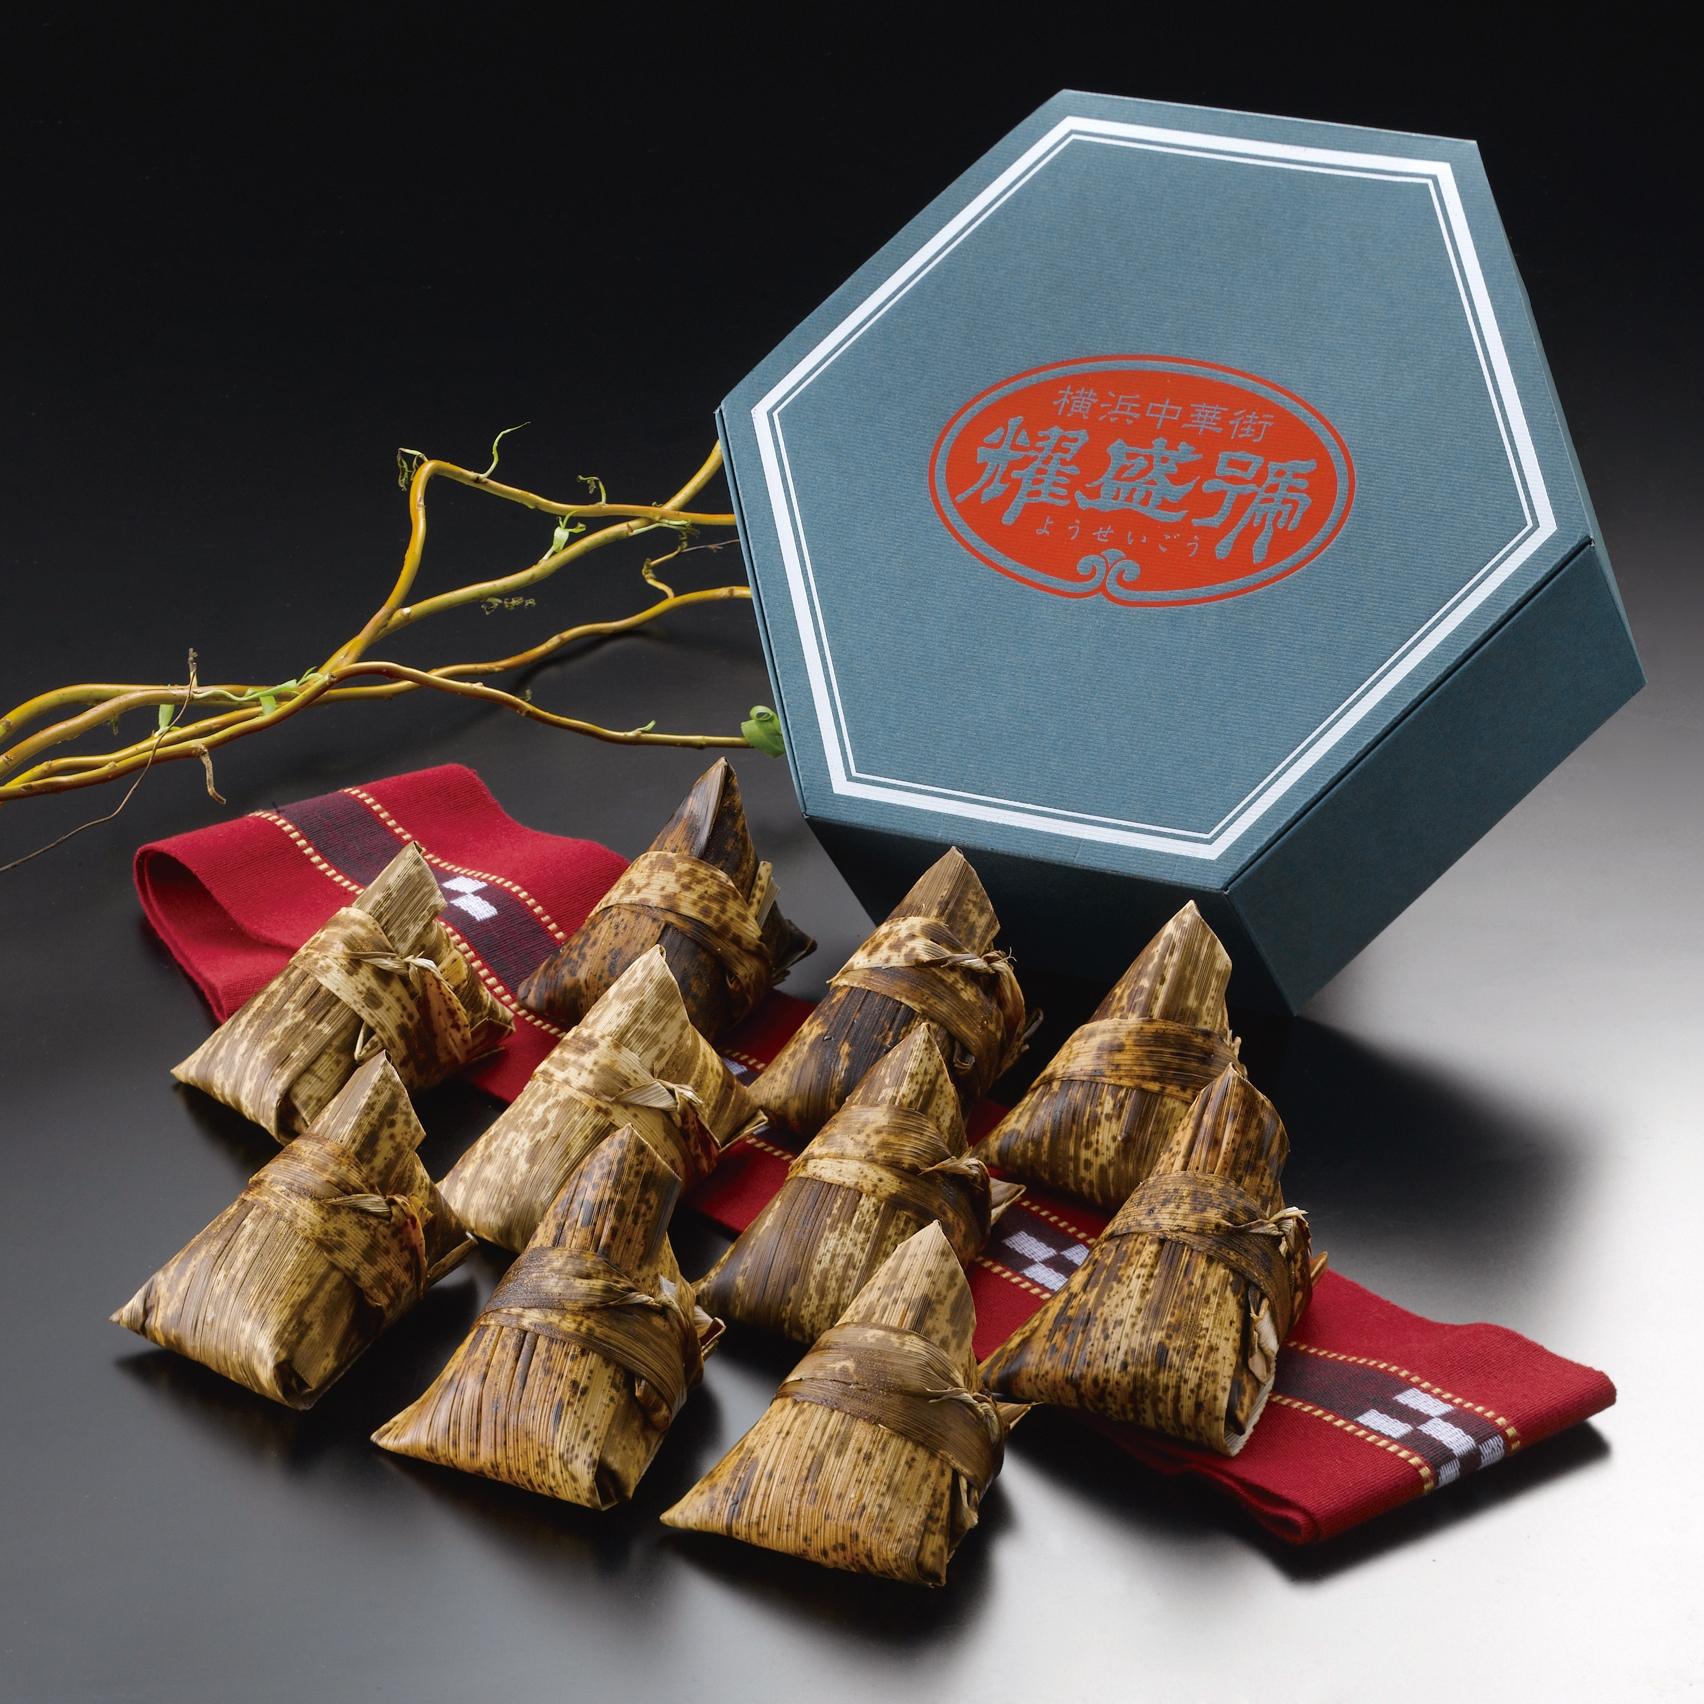 横浜中華街「耀盛號(ようせいごう)」豚角煮ちまき